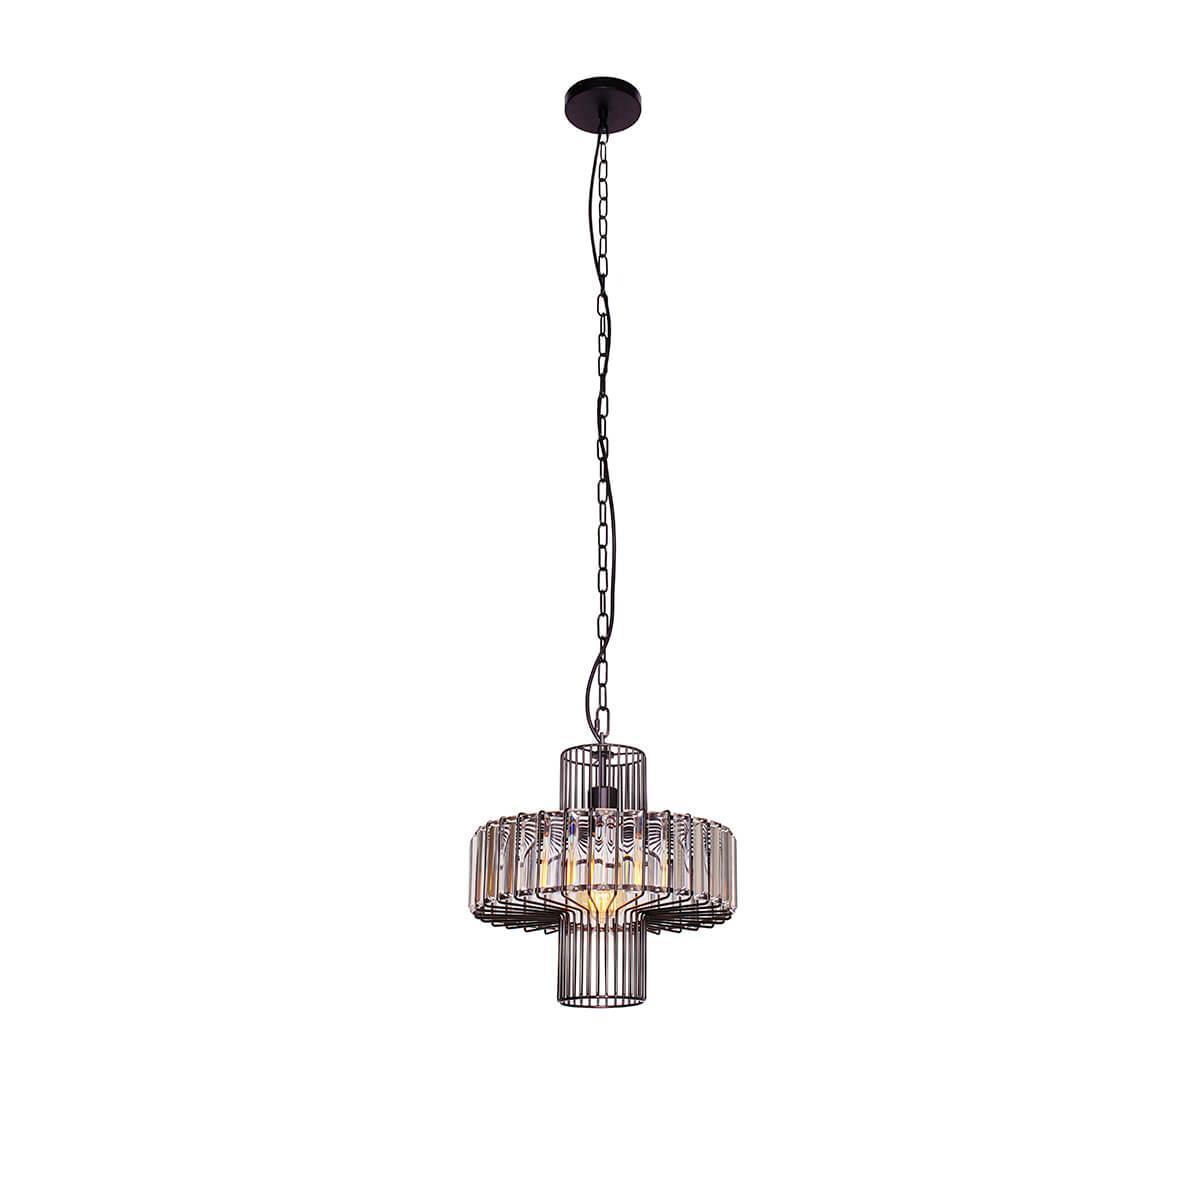 Подвесной светильник Lucia Tucci Industrial 1823.1 lucia tucci подвесной светильник lucia tucci industrial 1825 1